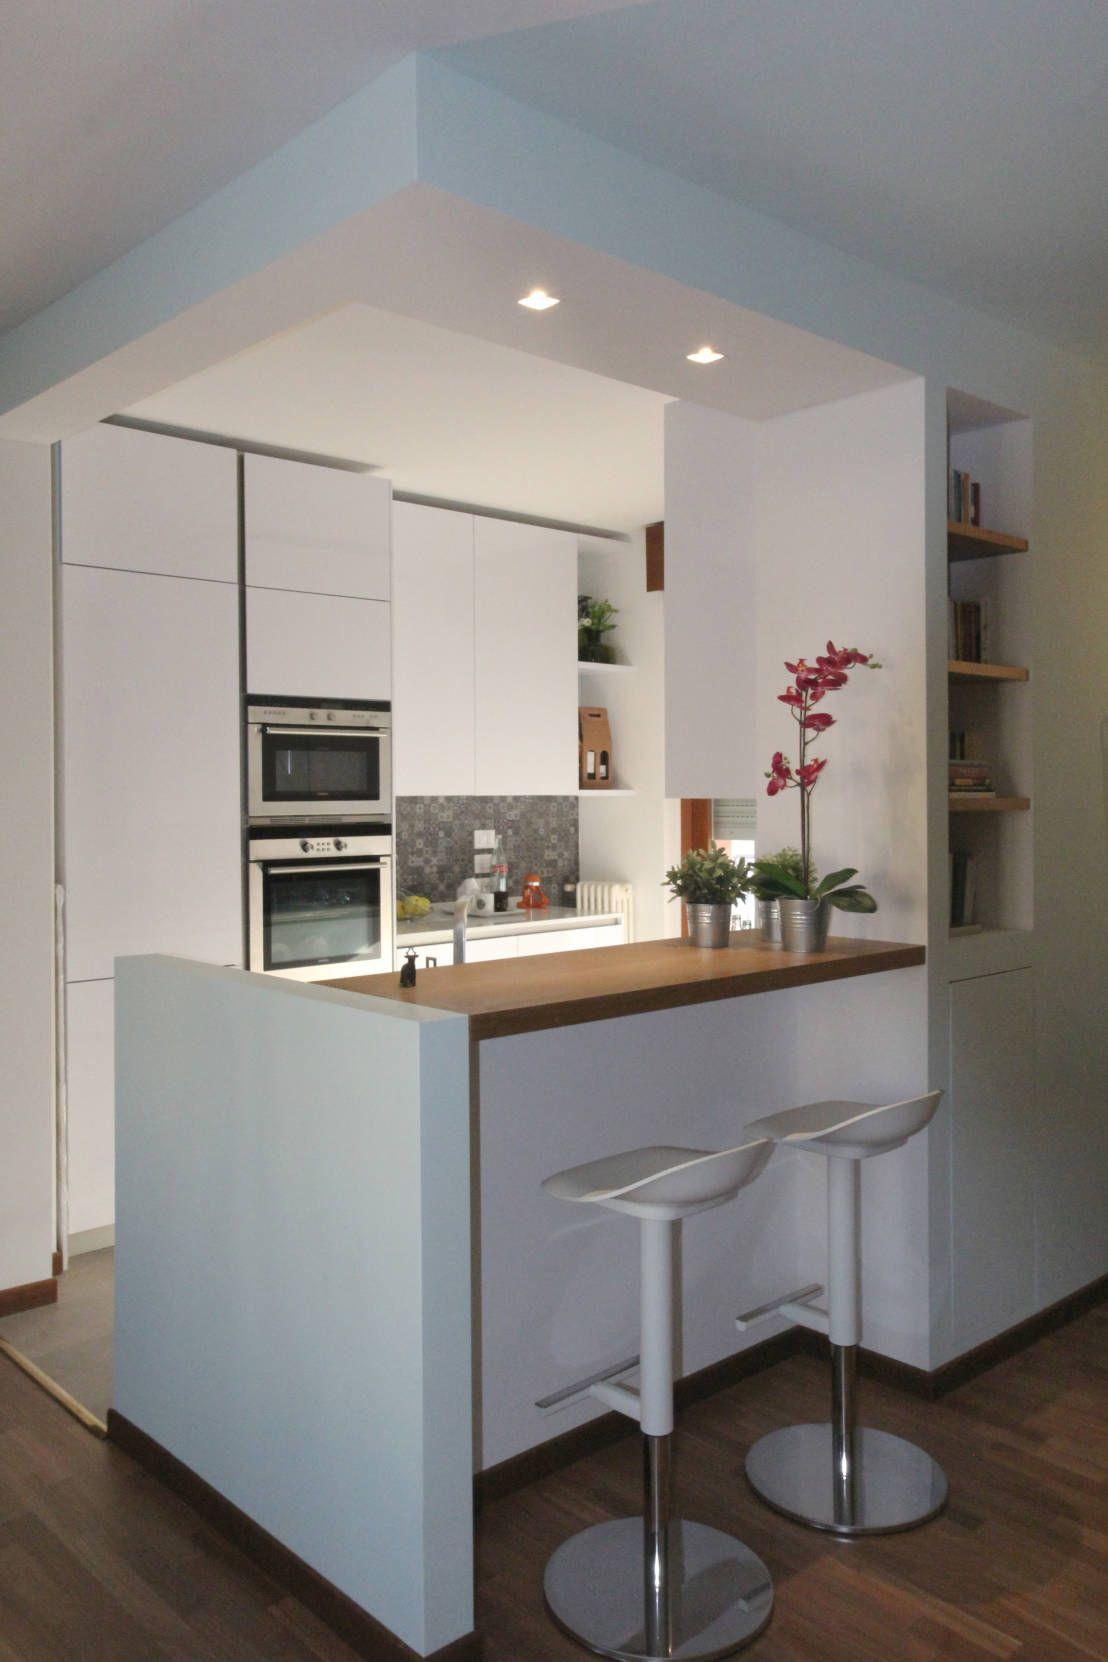 La maravillosa transformación de una cocina | Kitchens, Ideas para ...